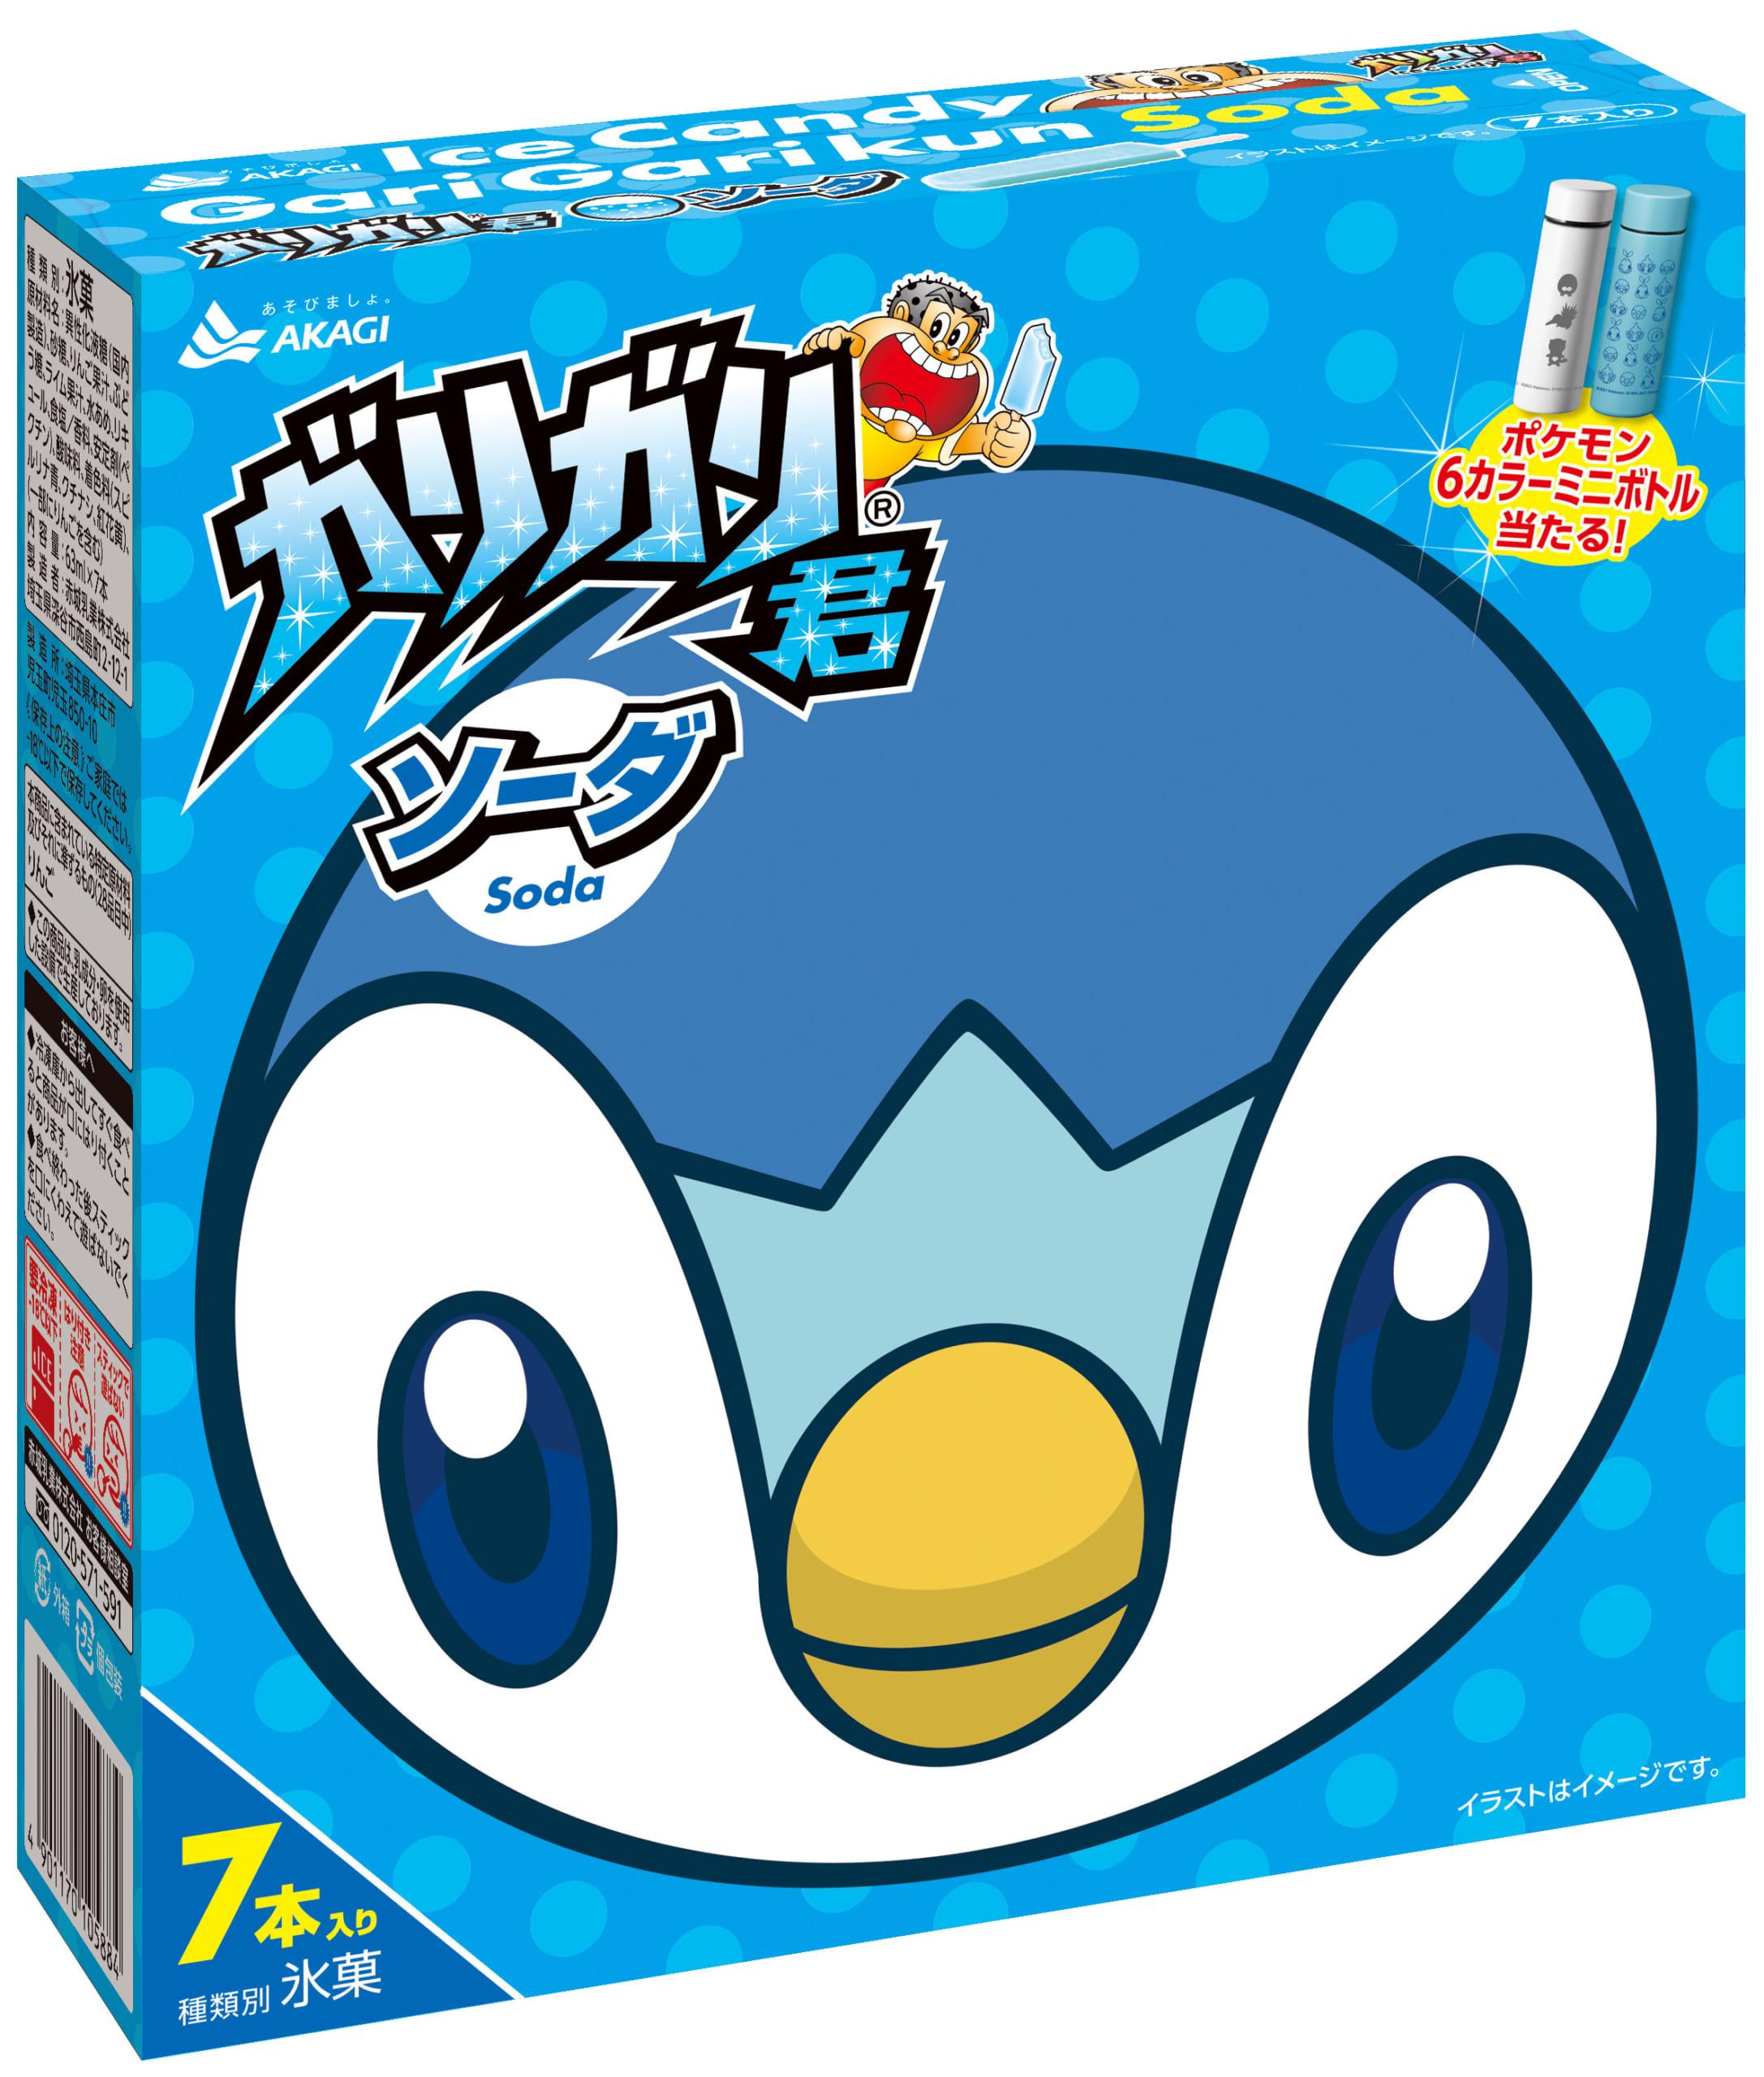 「ポケモン×ガリガリ君&ミルクレア」コラボパケかわいすぎ!全7種が数量限定発売